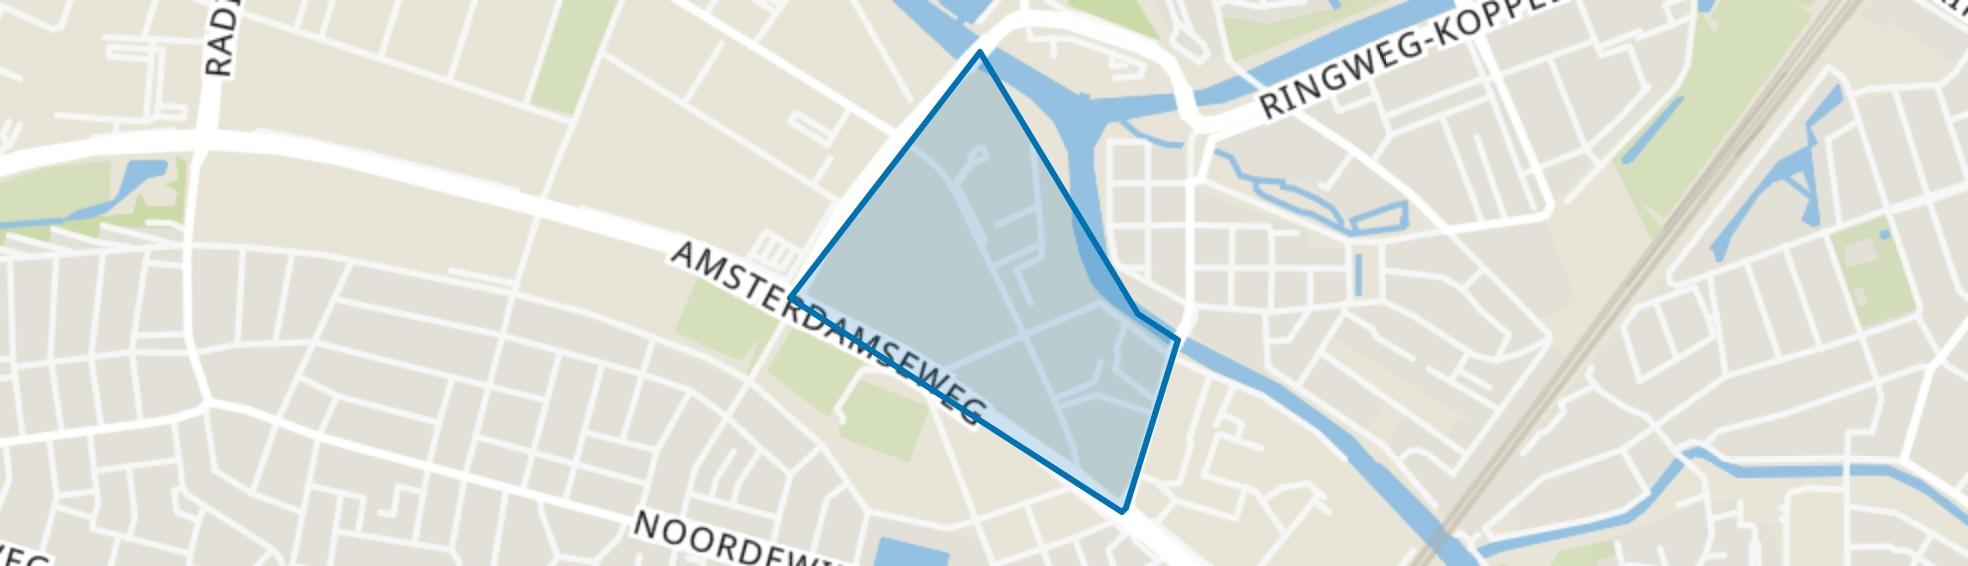 Geldersestraat, Amersfoort map